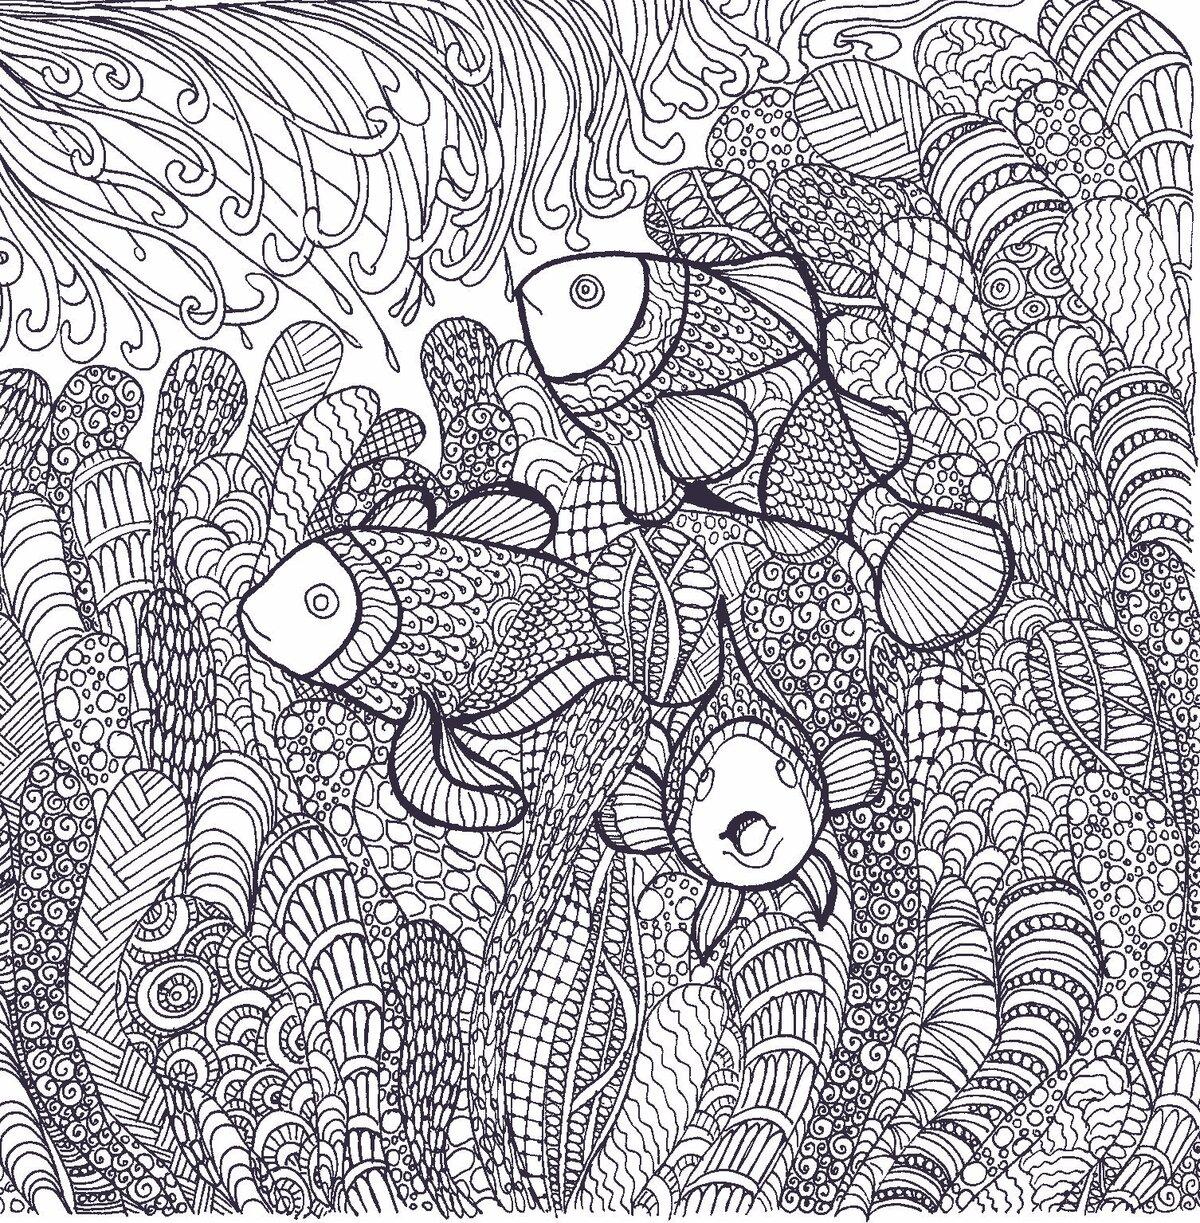 одной части арт-раскраска мир животных всех вас